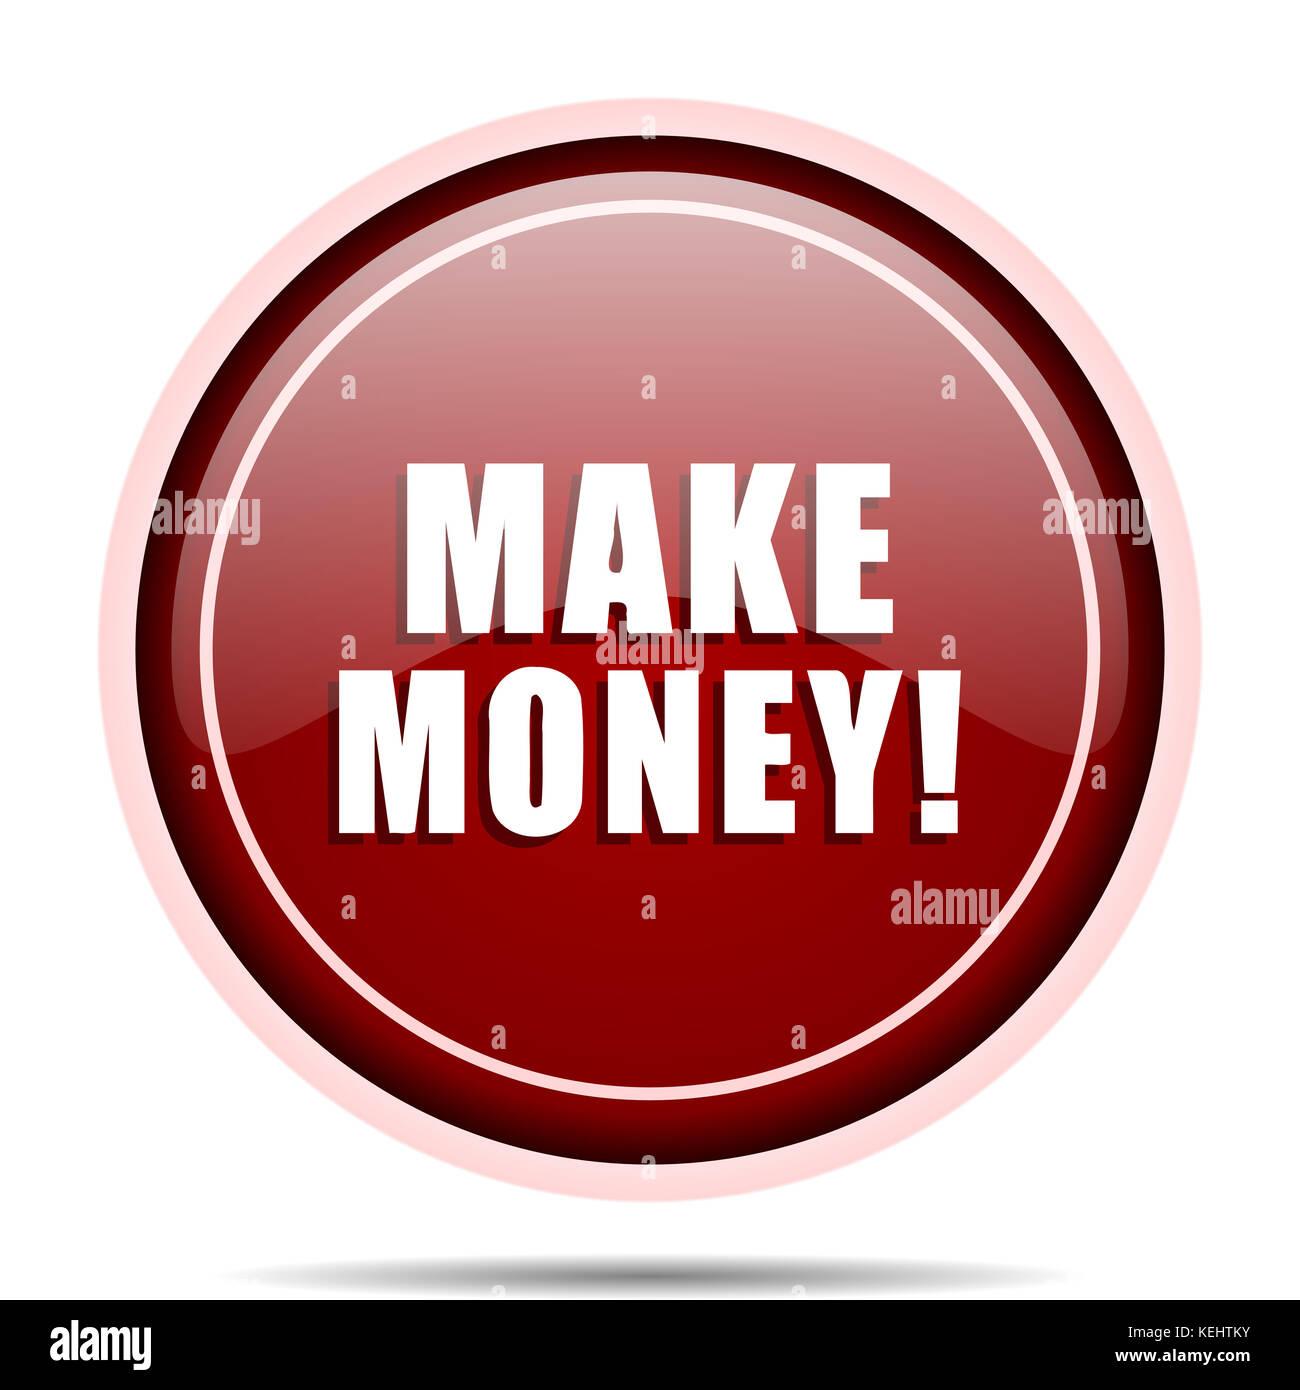 earn money button icon concept stockfotos earn money button icon concept bilder alamy. Black Bedroom Furniture Sets. Home Design Ideas